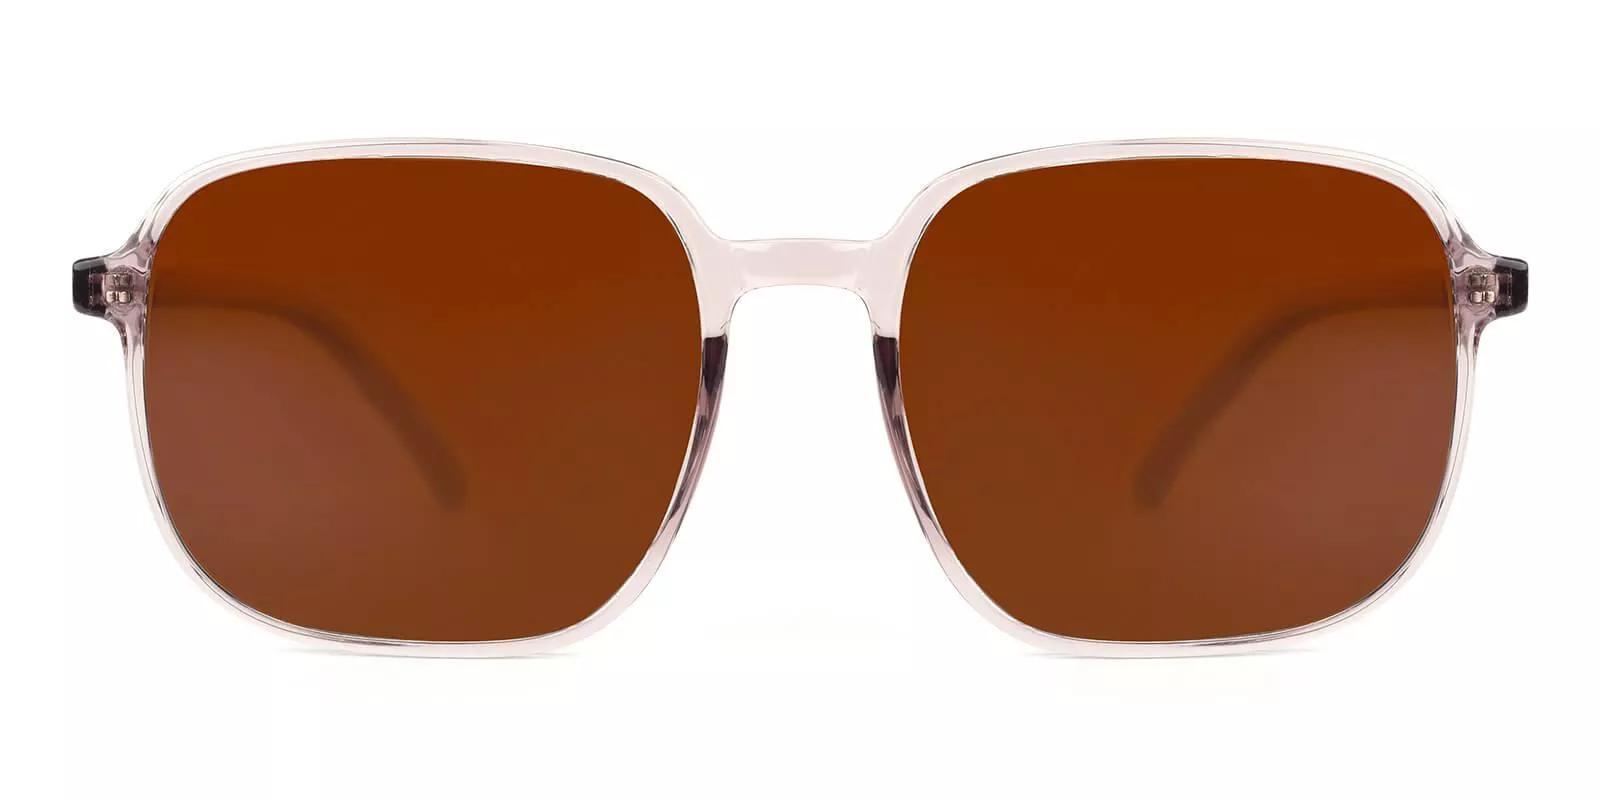 Costa Prescription Sunglasses Clear